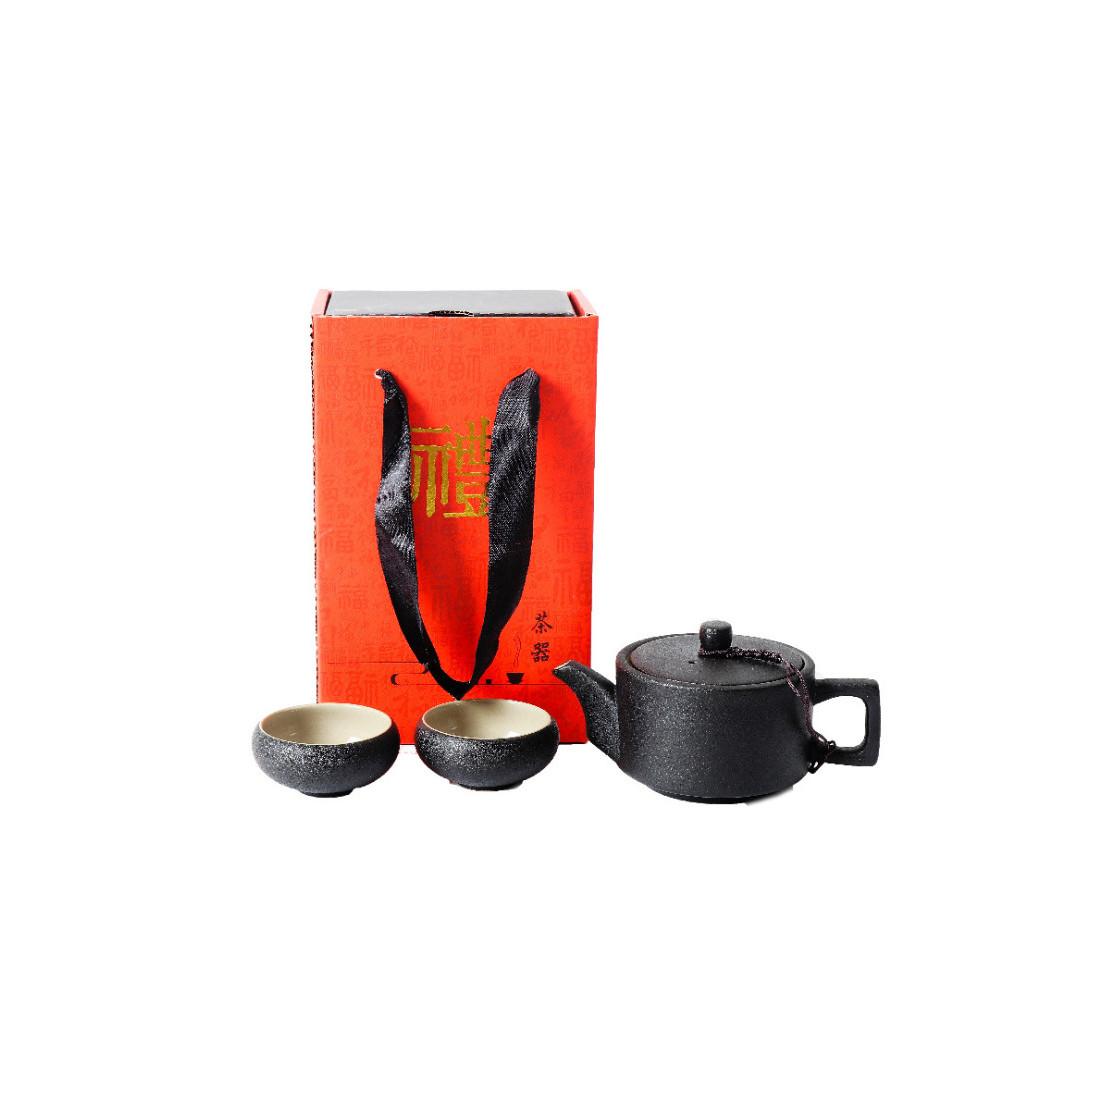 Черный чайник и 4 чаши в подарочной коробке